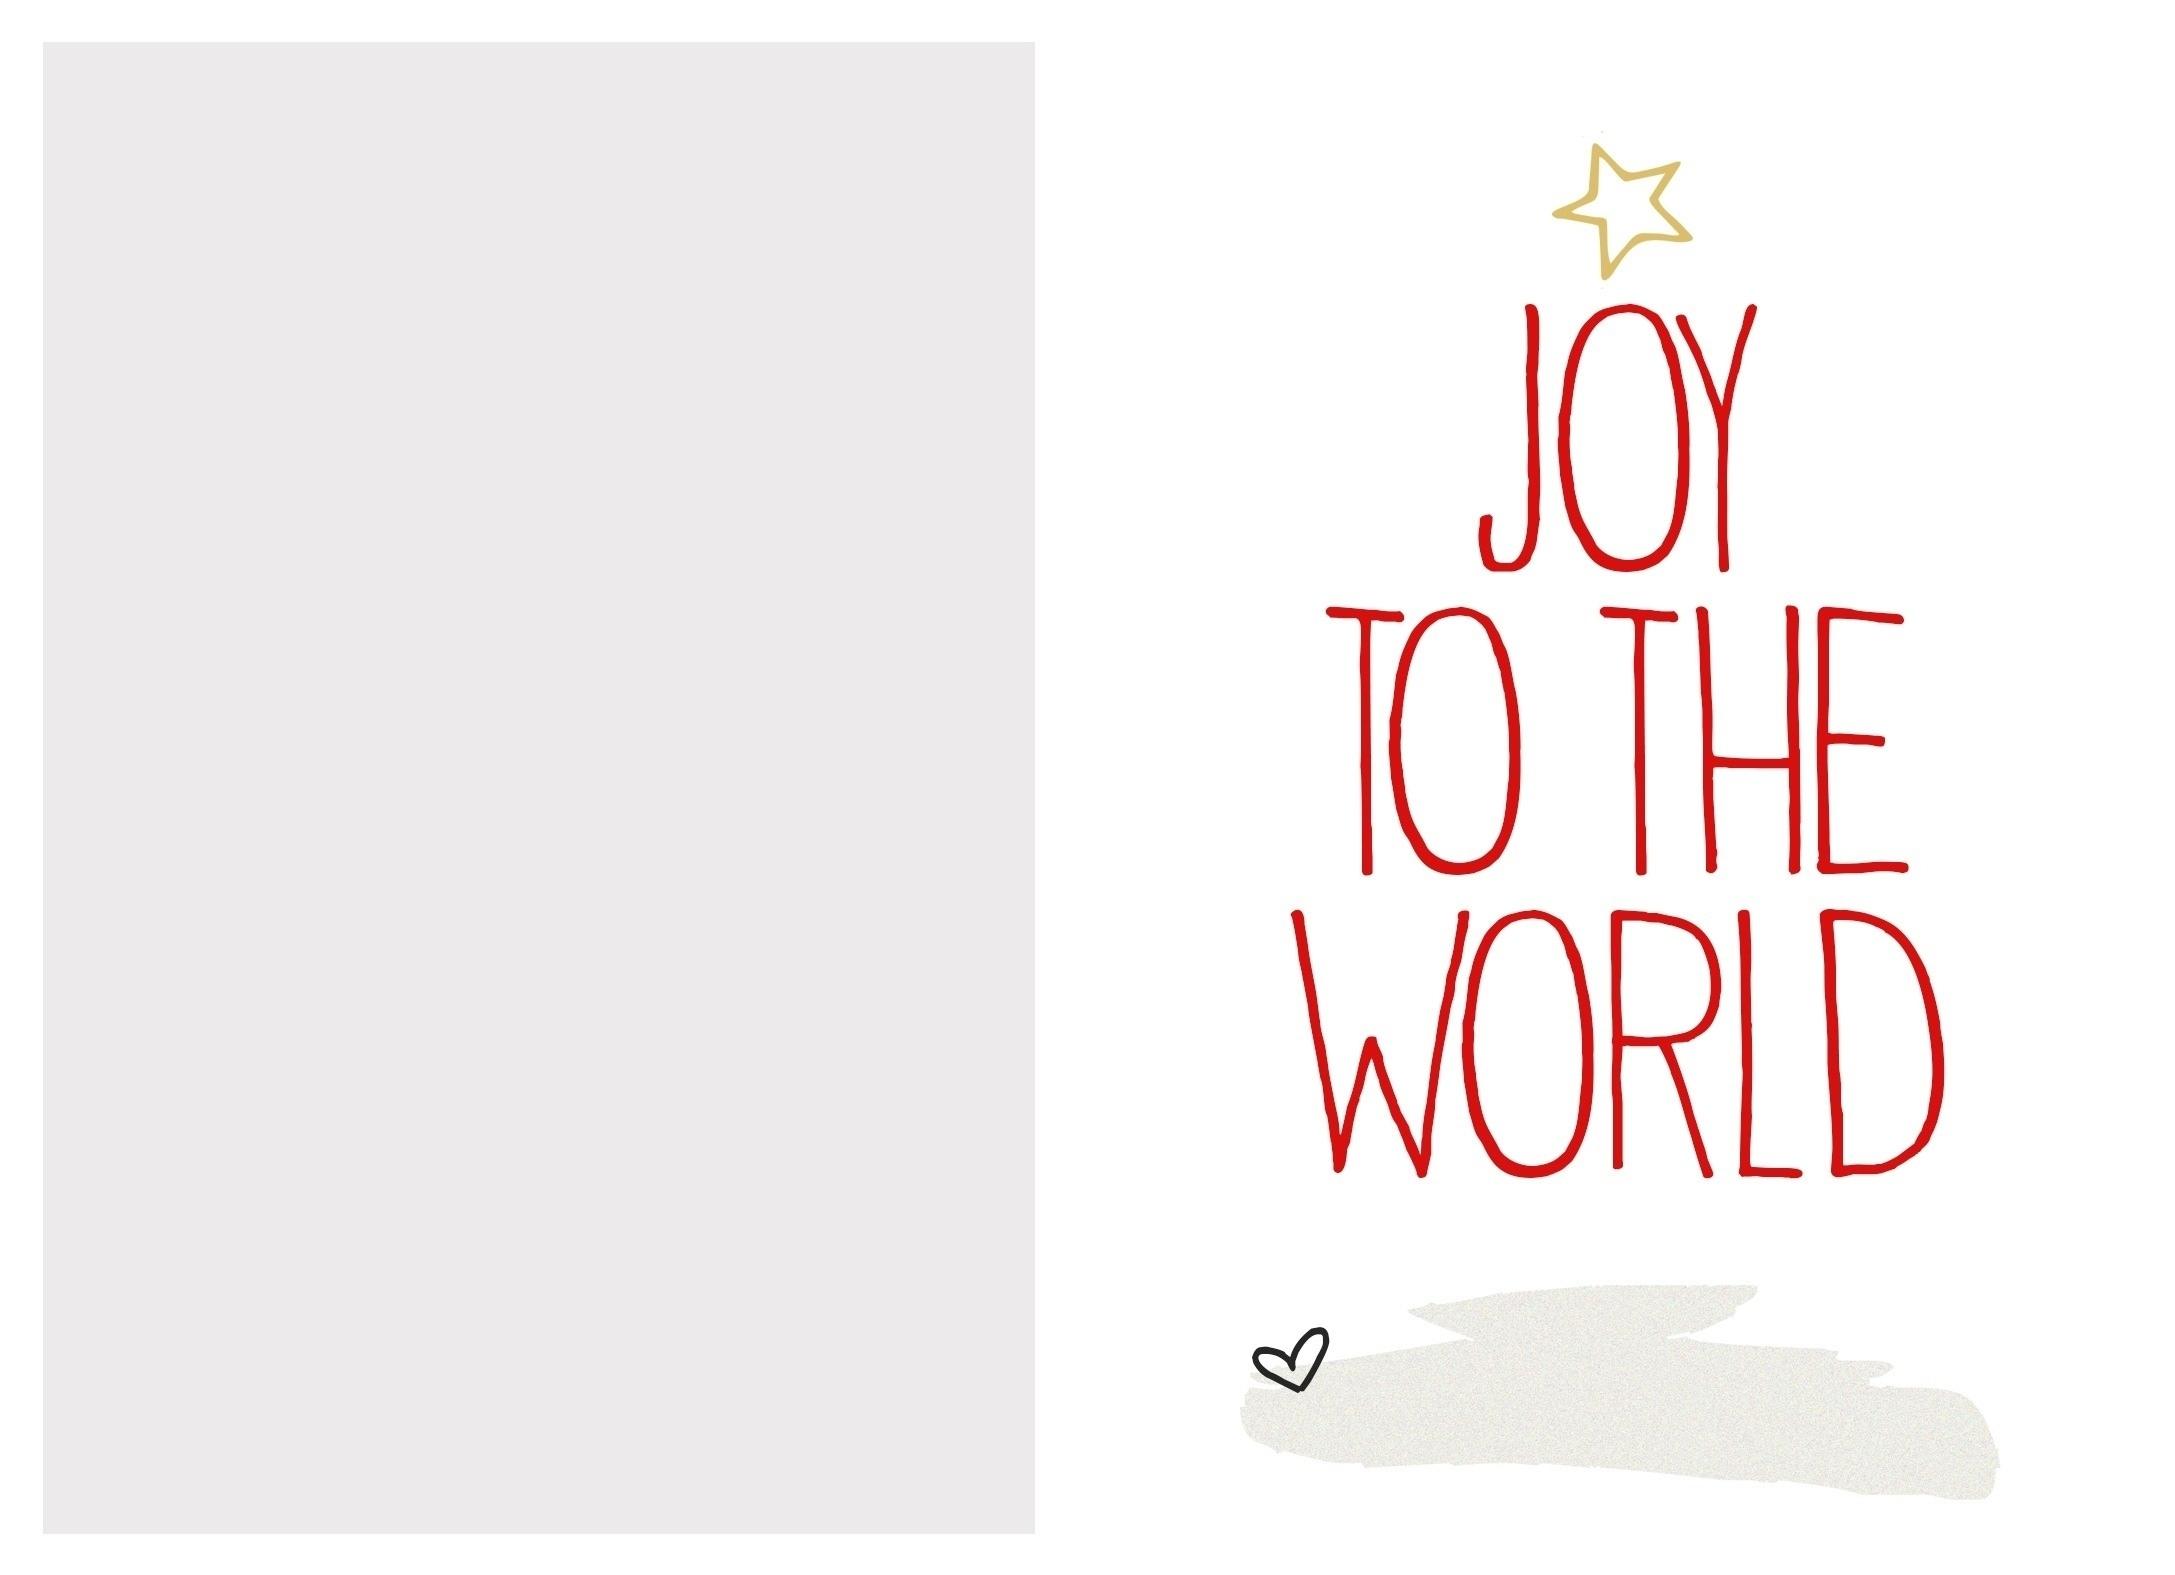 Christmas Card Templates Free Printable | Reactorread - Free Printable Photo Christmas Cards